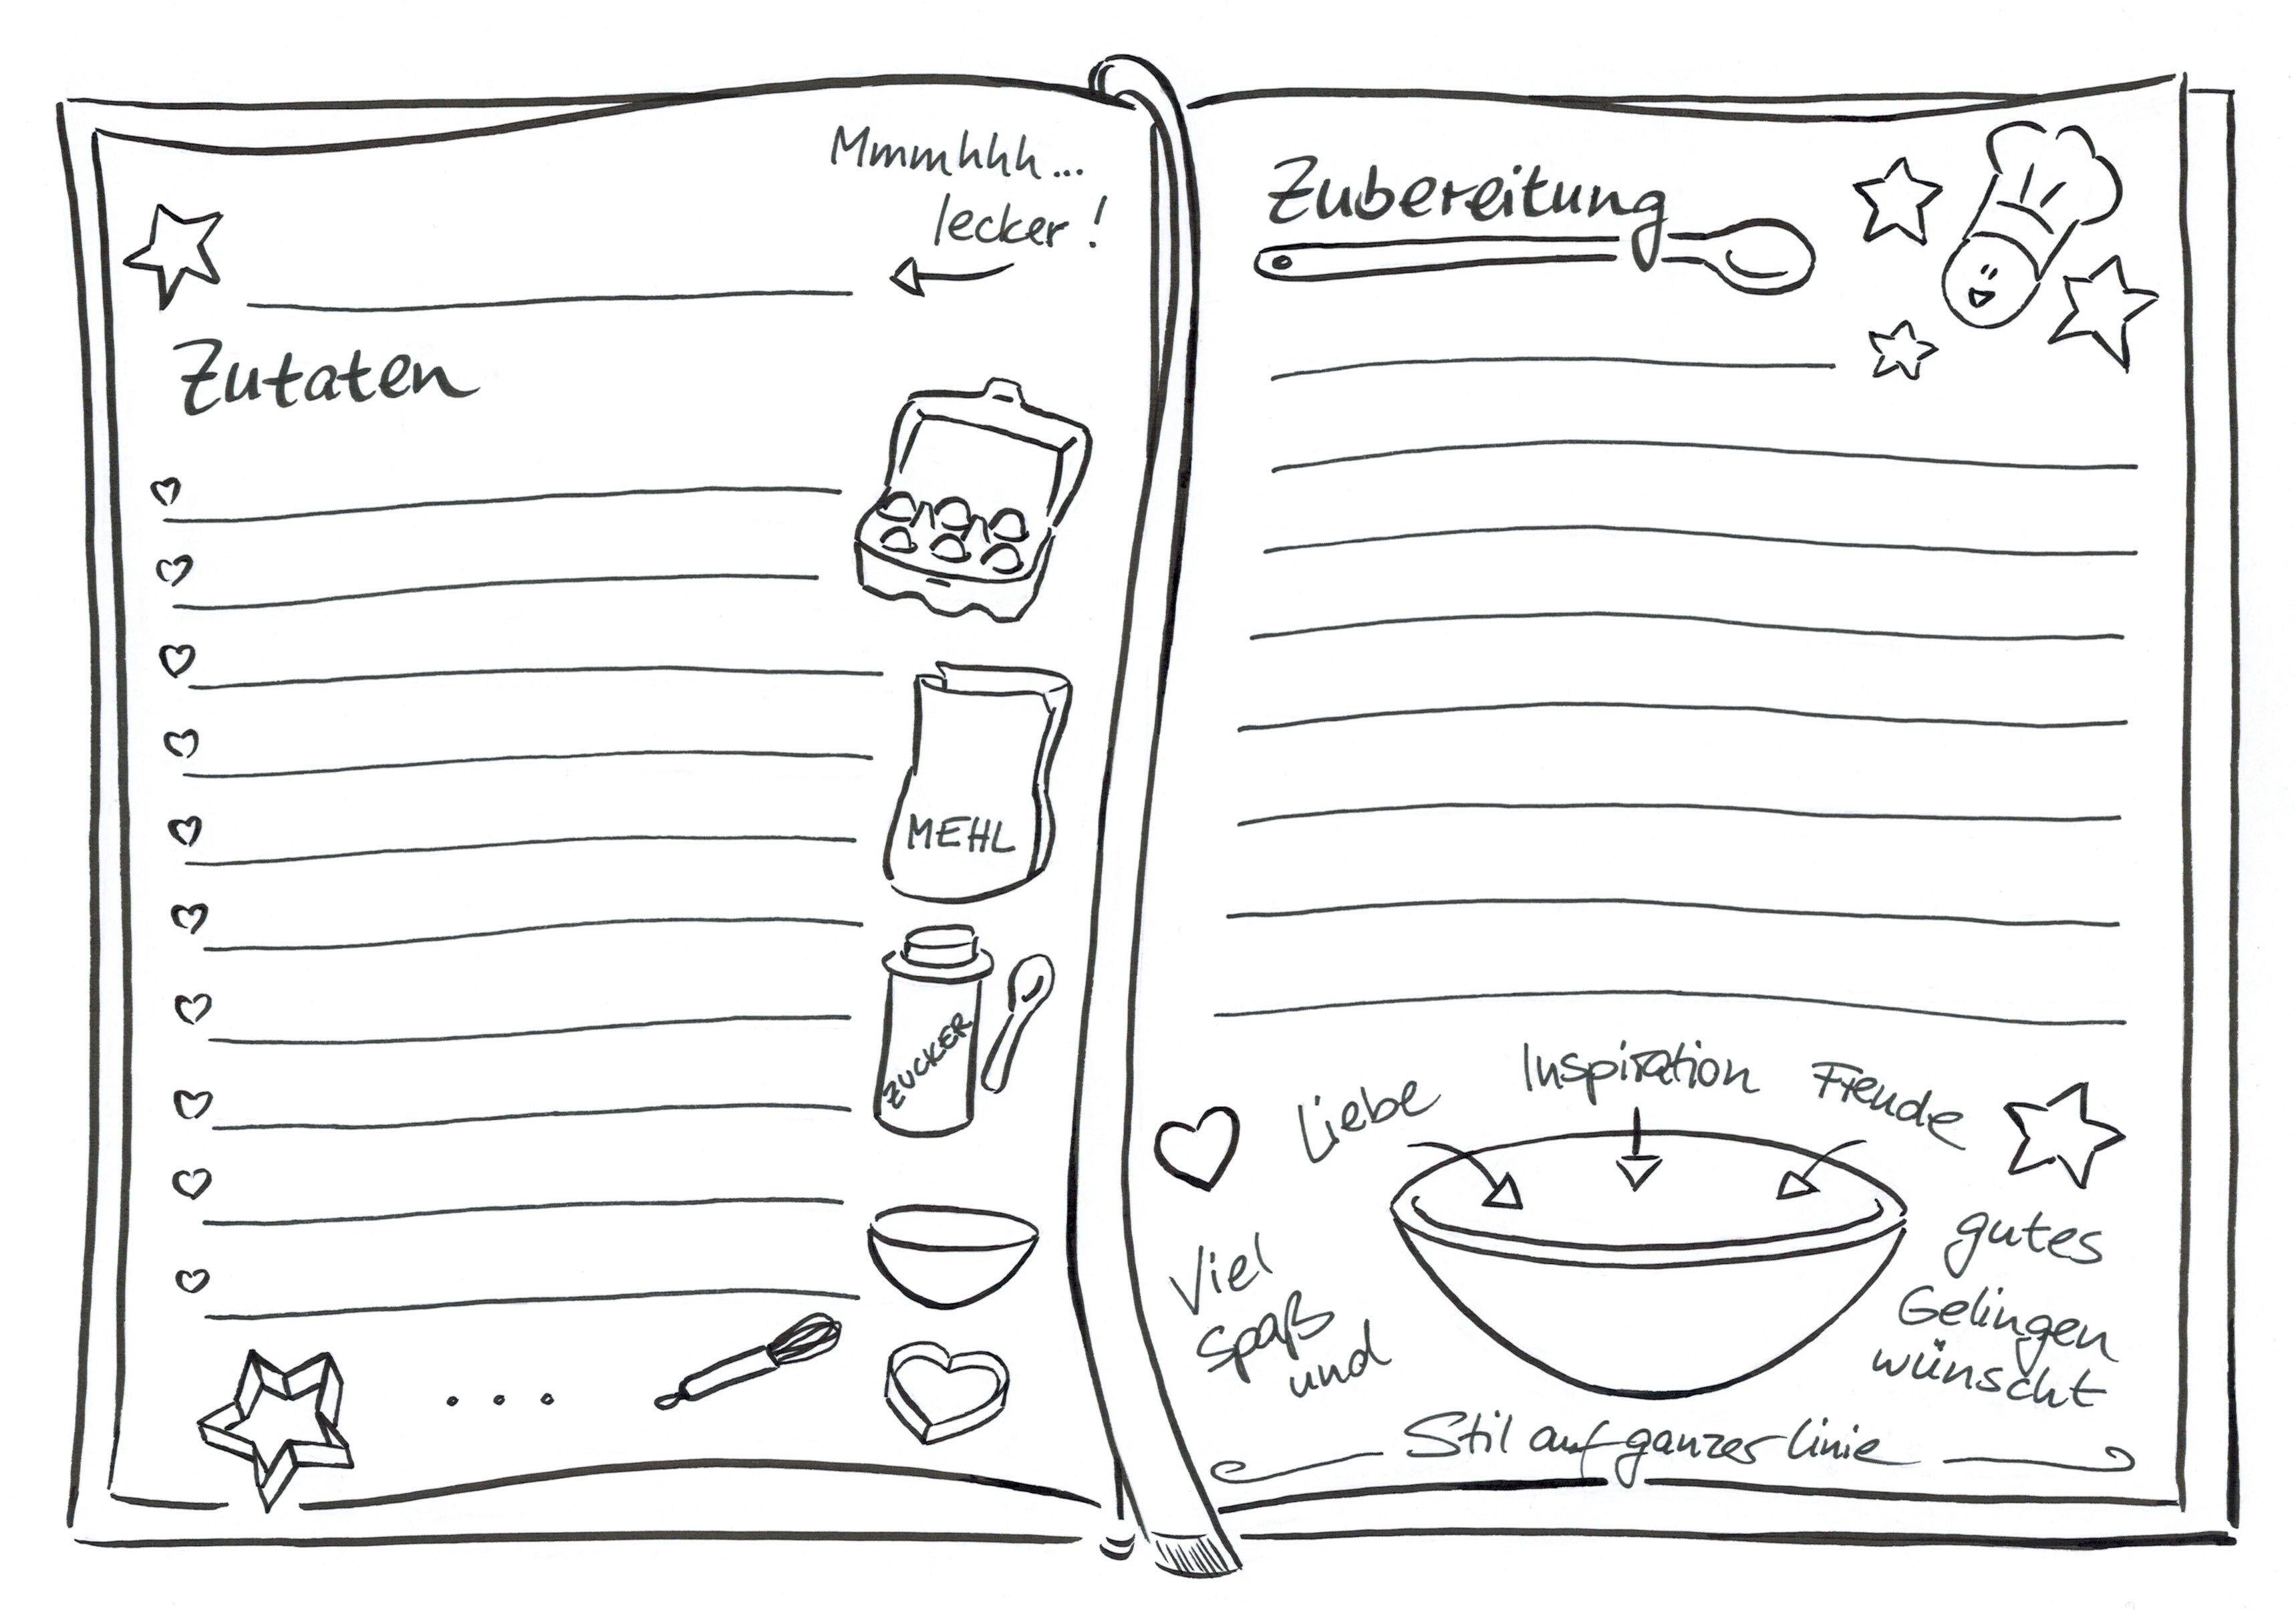 sketchnotetemplate für dein keksrezept sketchnotes